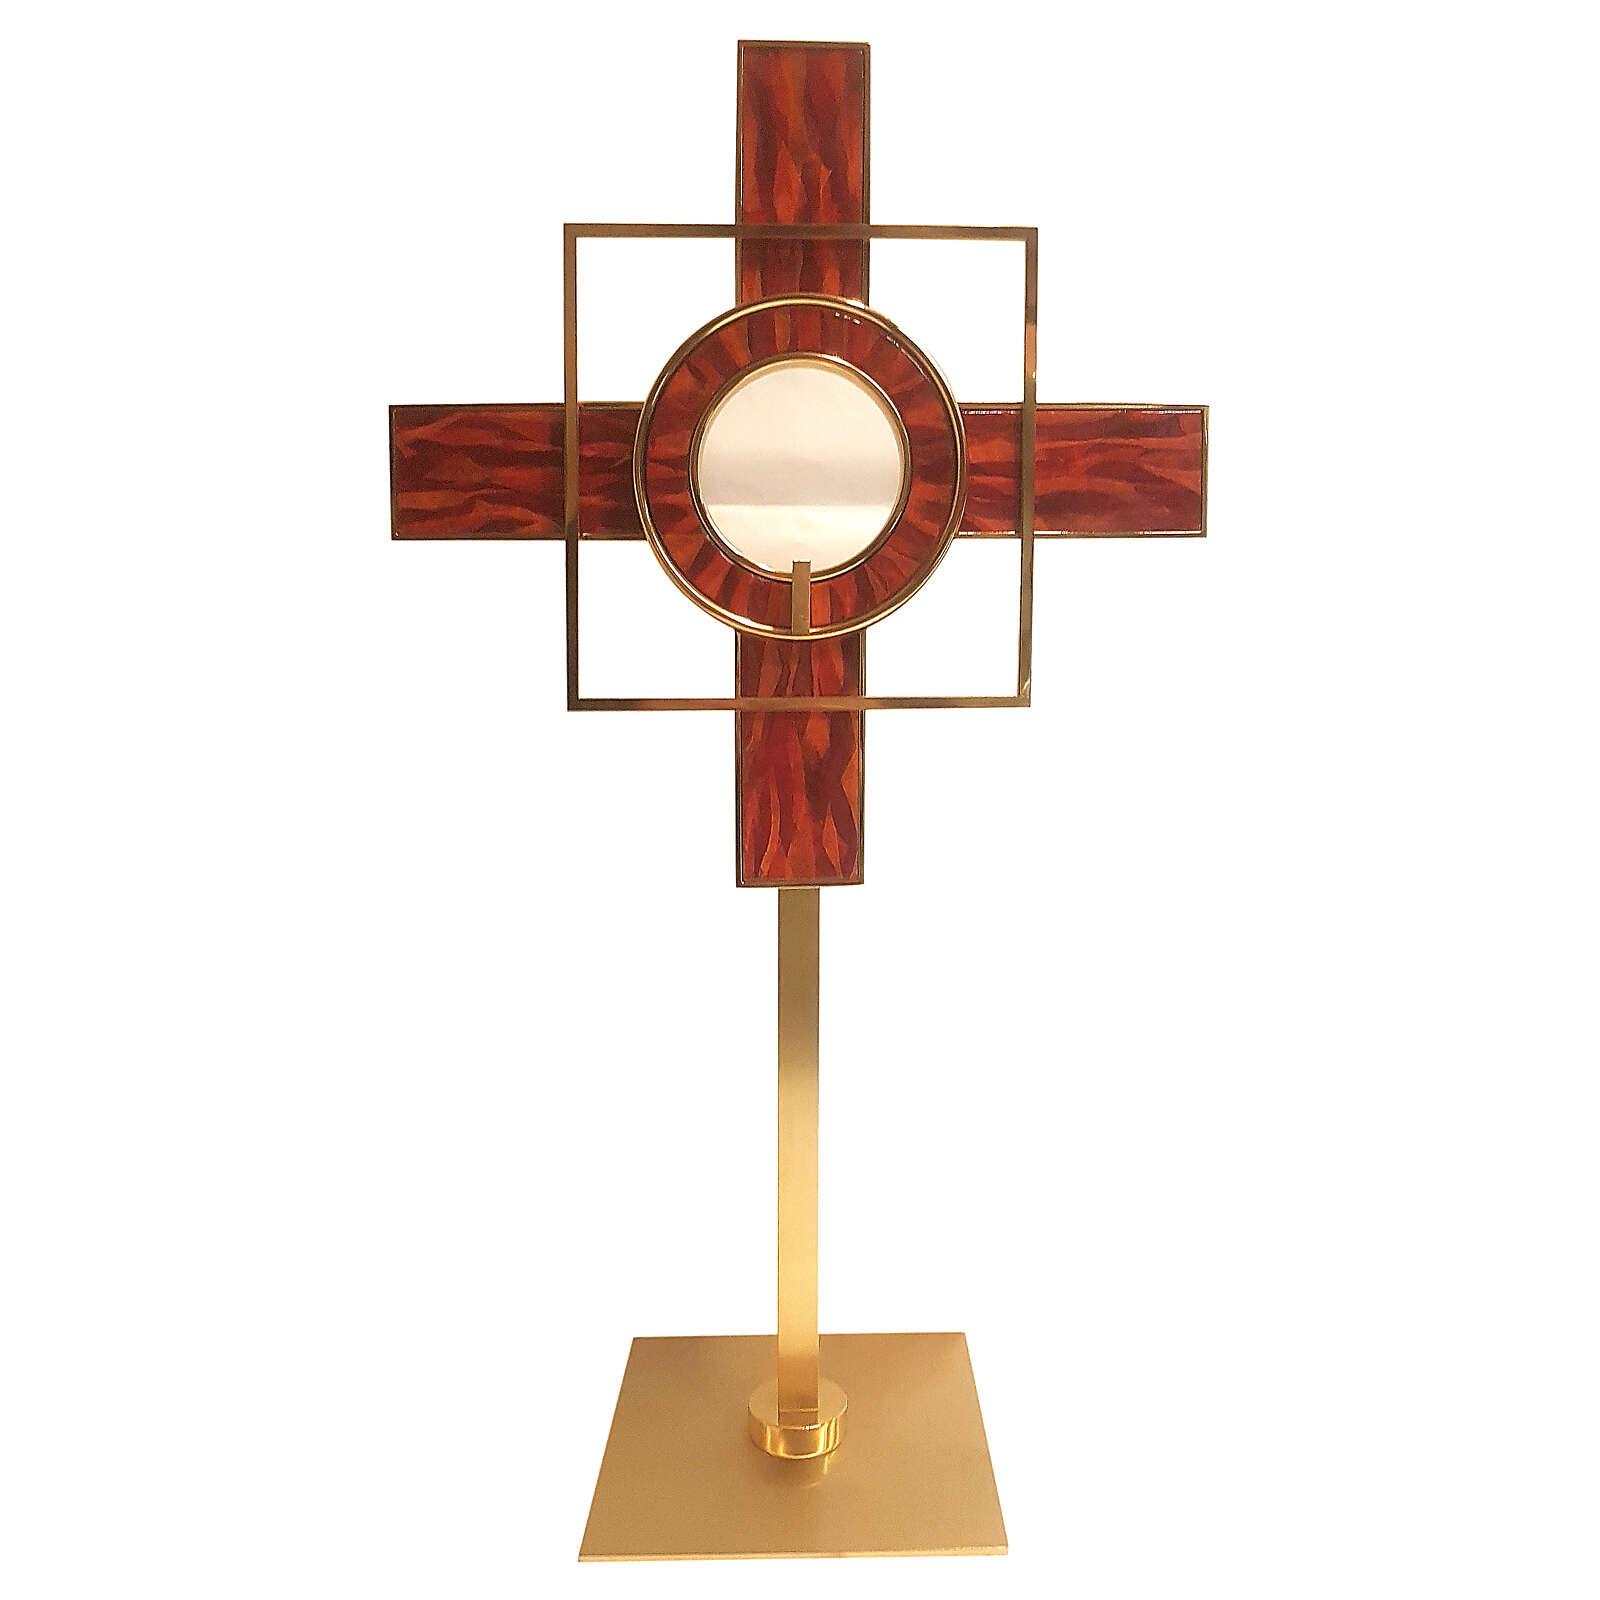 Ostensorio smalto rosso forme geometriche ottone dorato 65 cm 4